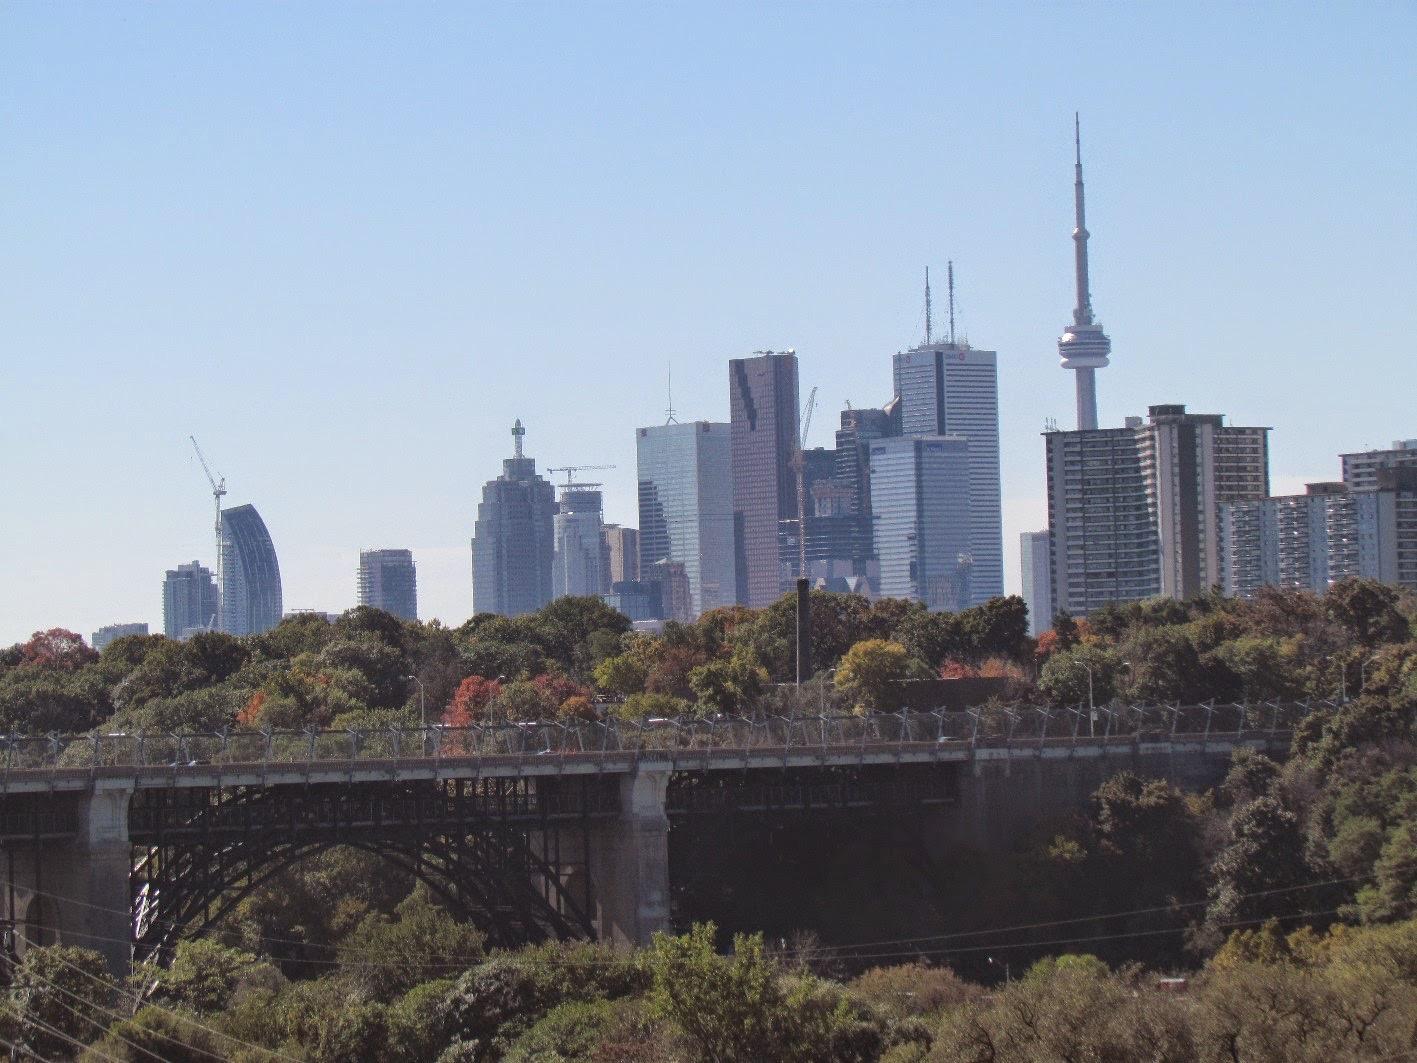 Toronto, Canada – October 2019